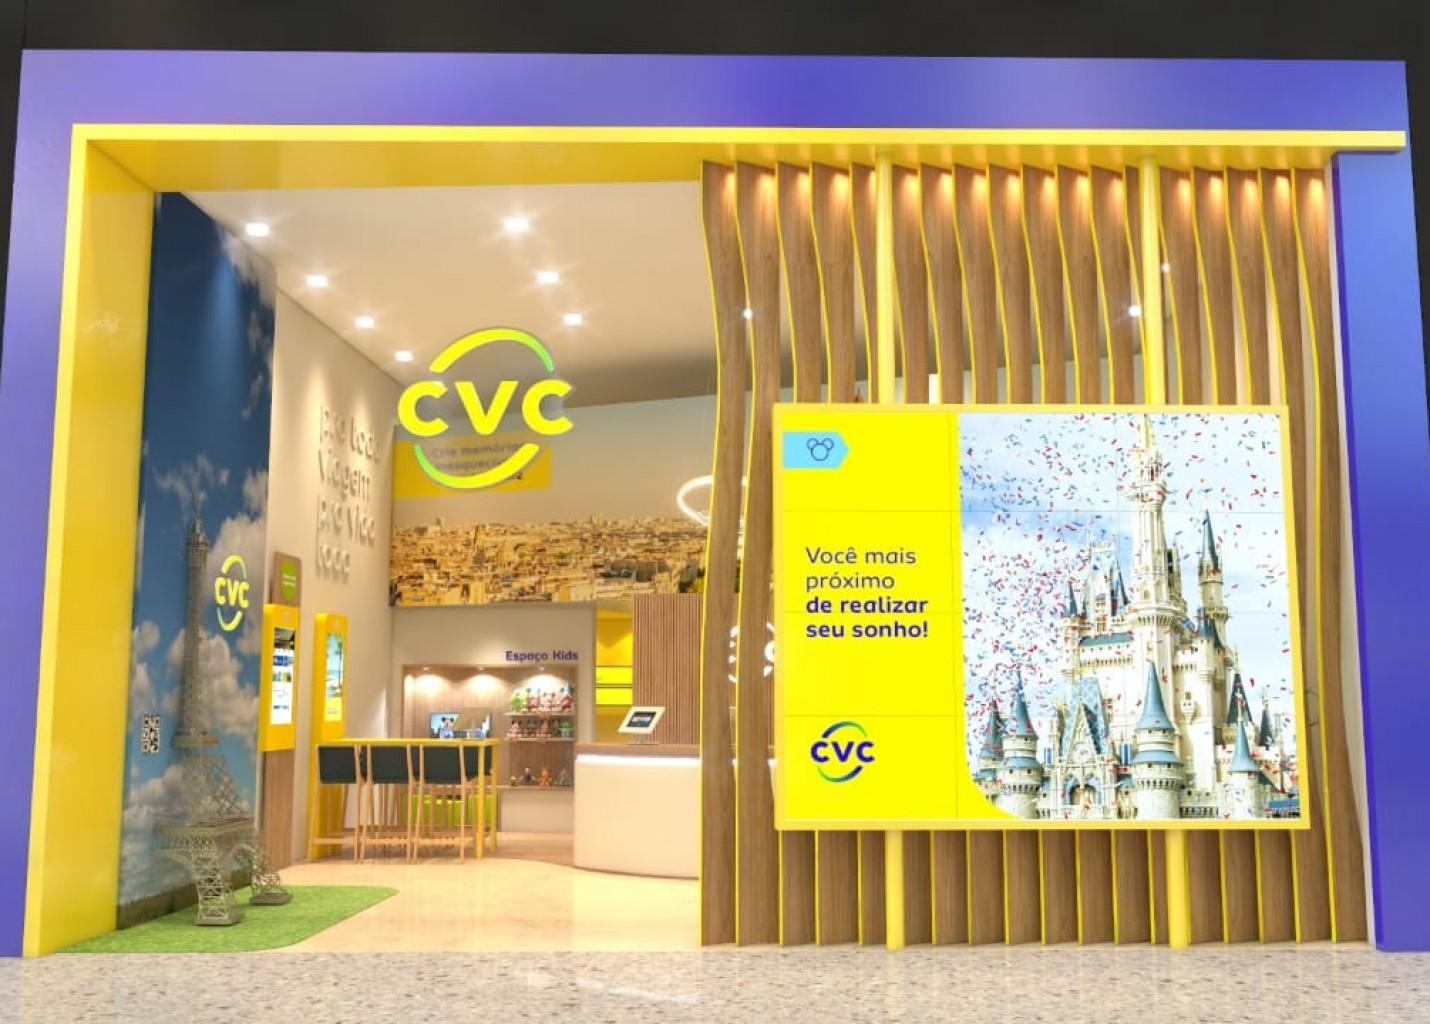 CVC Viagens muda identidade visual e apresenta novo modelo de lojas